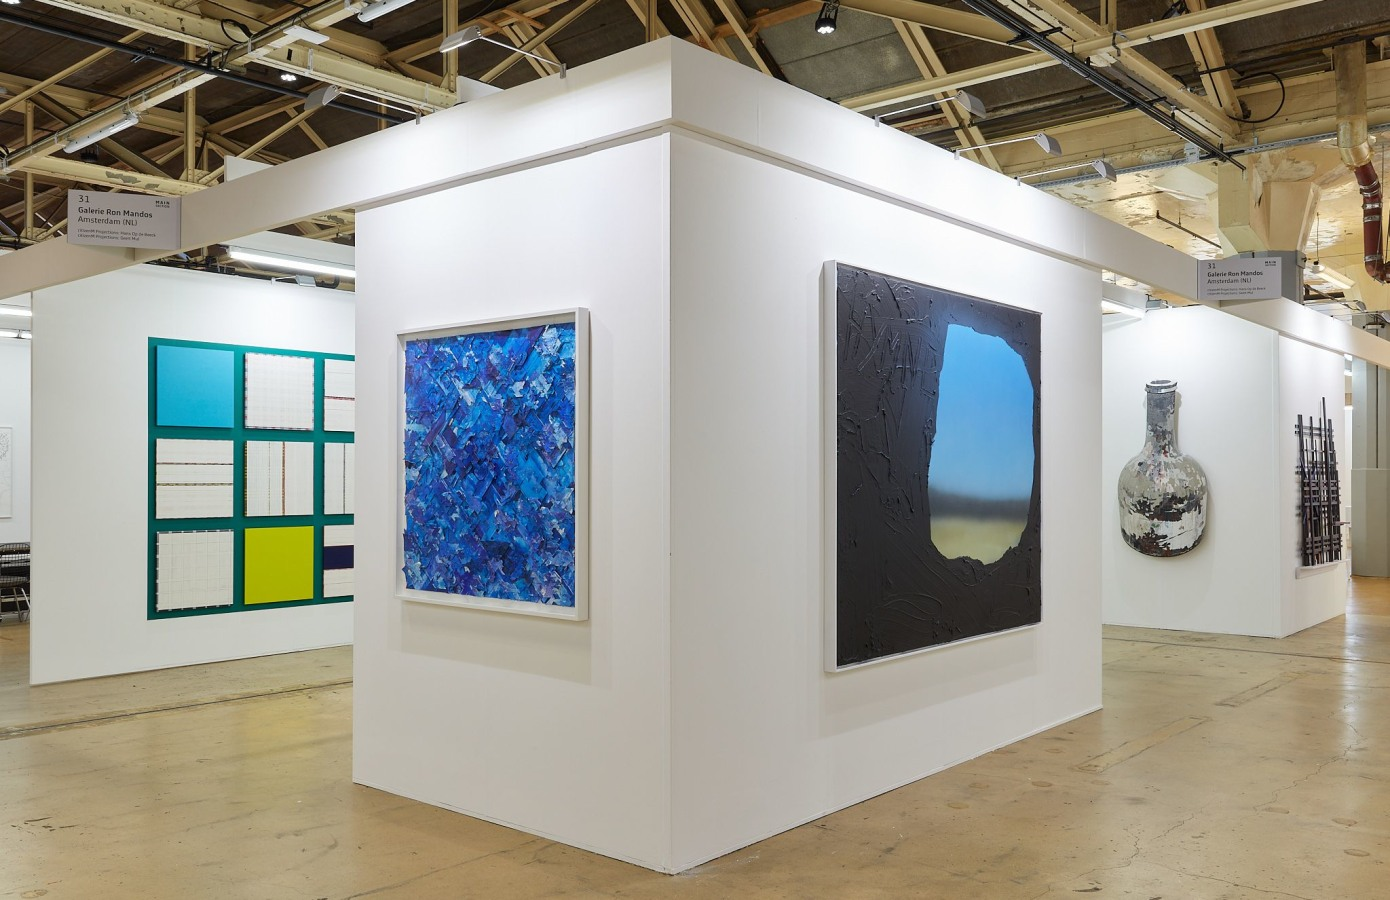 Art Rotterdam 2020, Hans Op de Beeck, Ron van der Ende, Kendell Geers, Lieven Hendriks, Remy Jungerman, Geert Mul, Boris Tellegen, Levi van Veluw, Bouke de Vries,